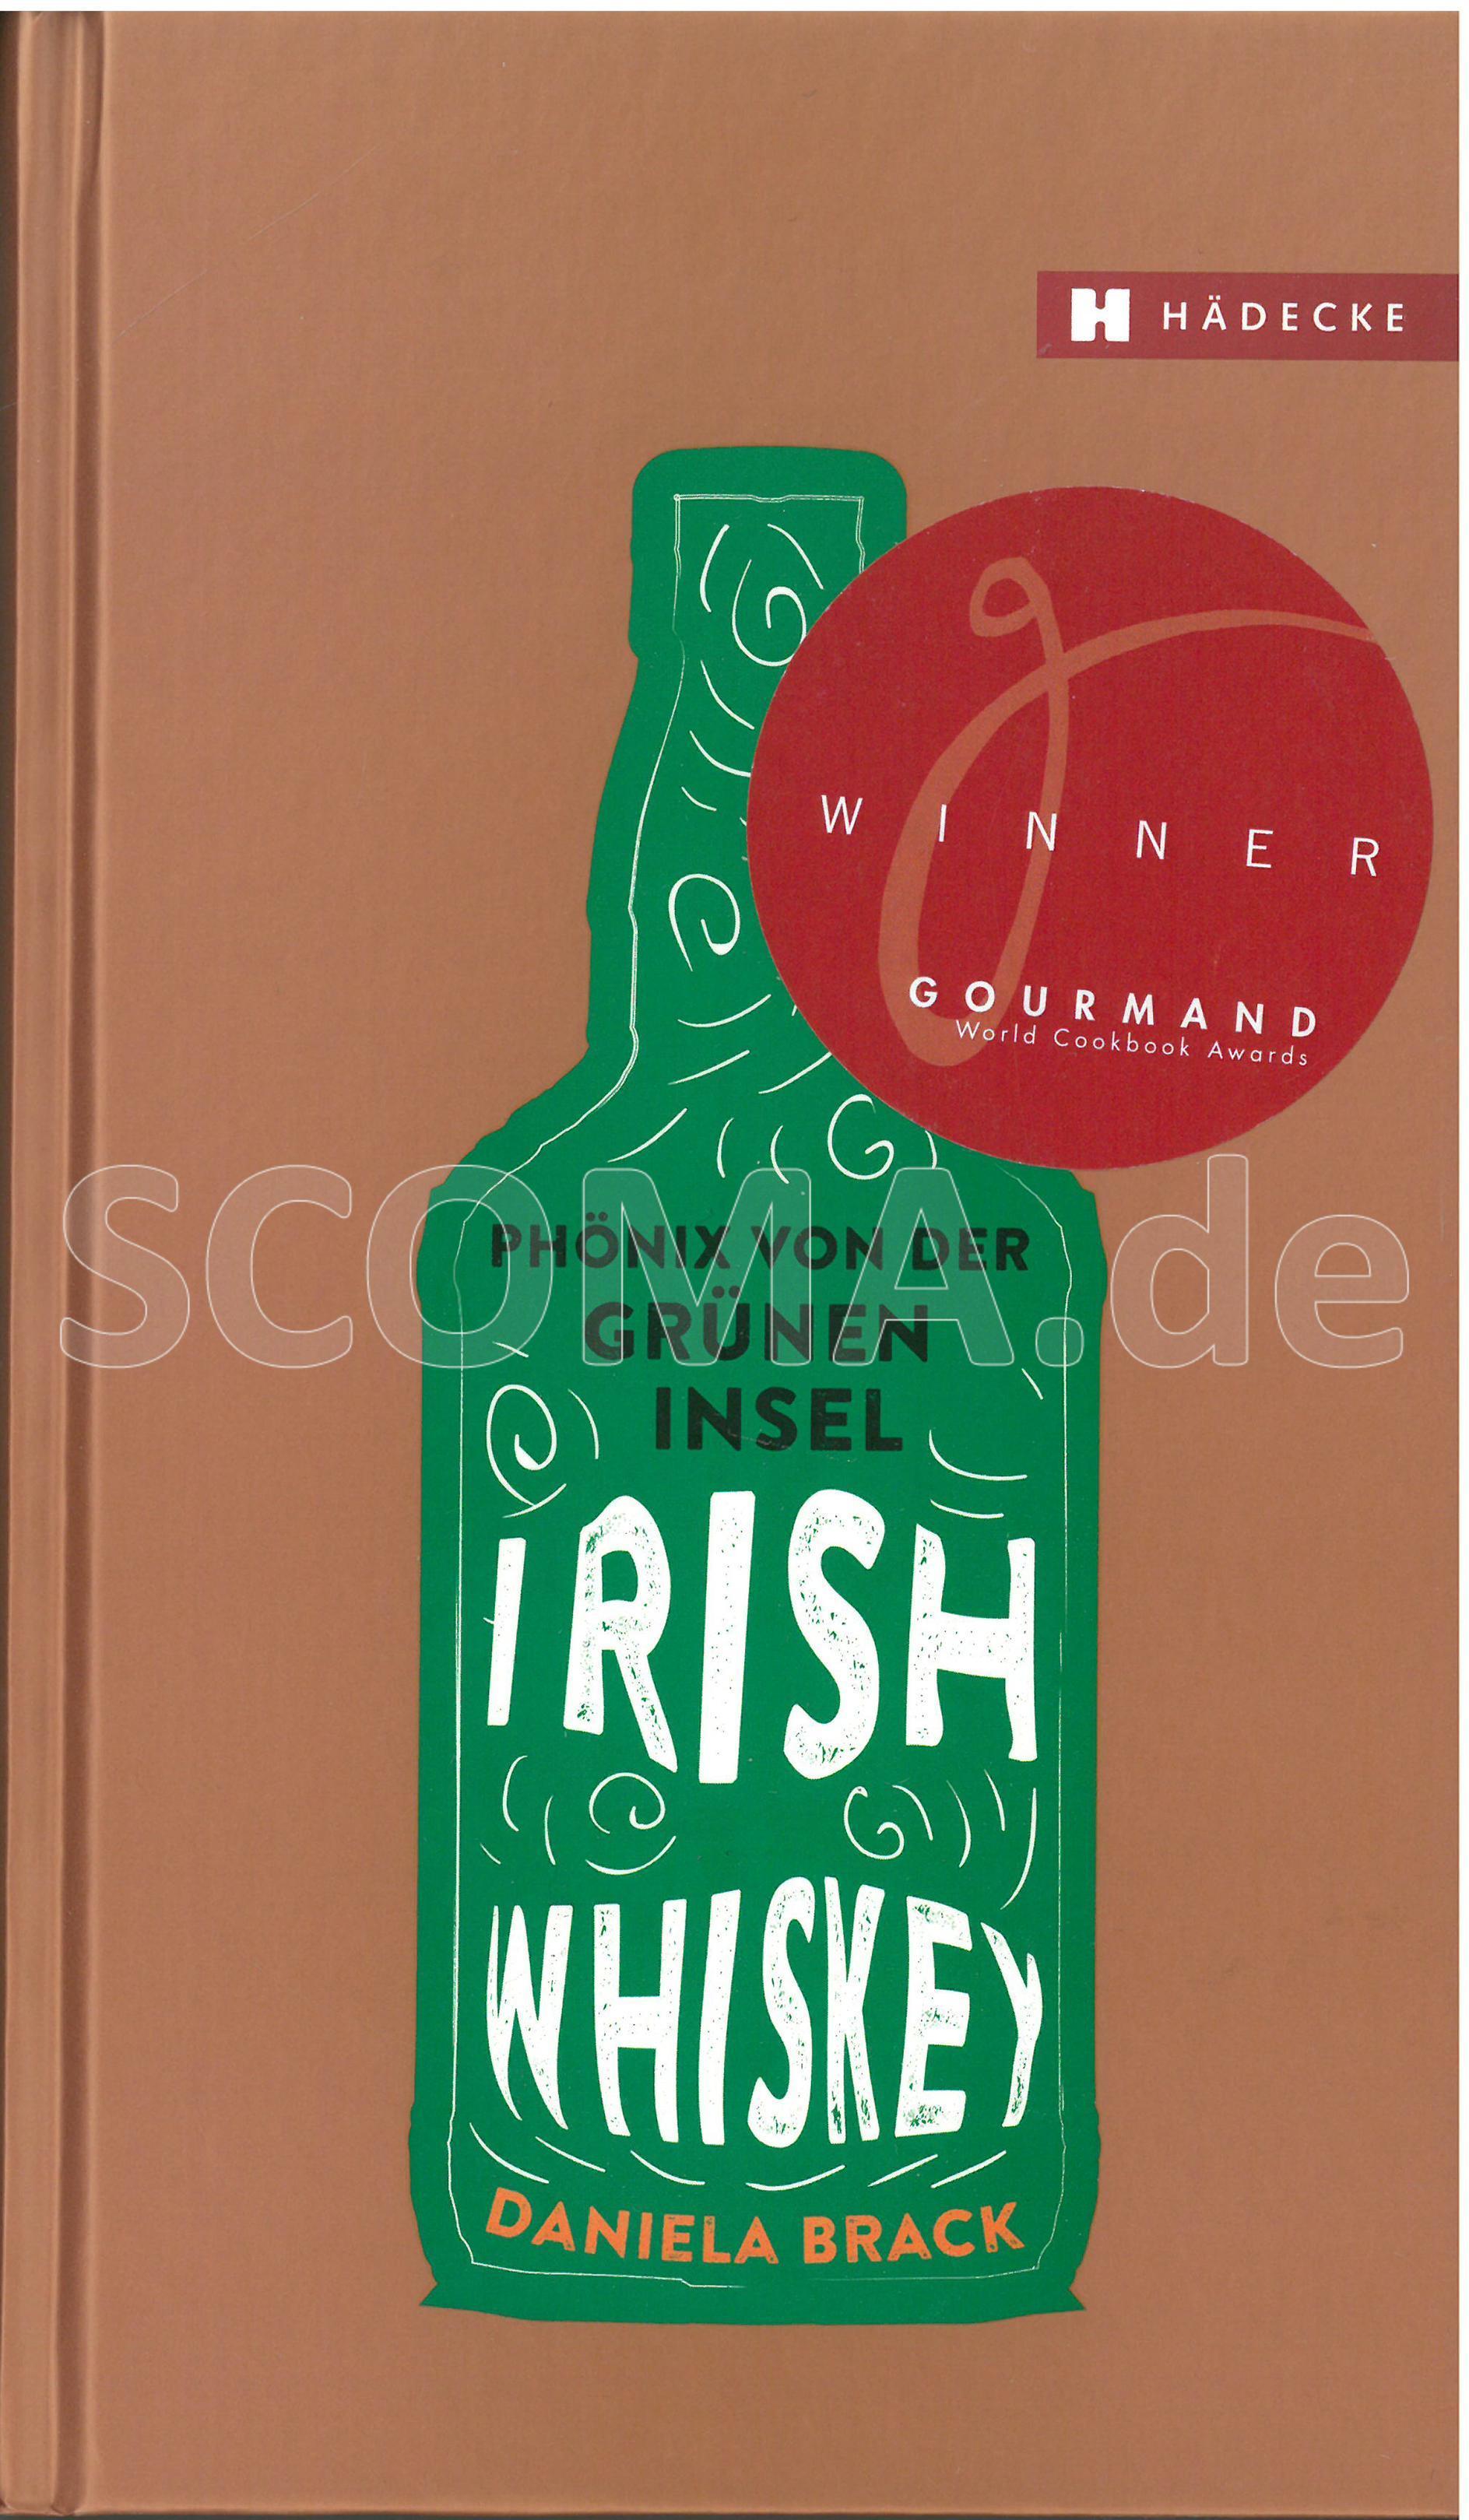 Brack, Daniela: Irish Whiskey